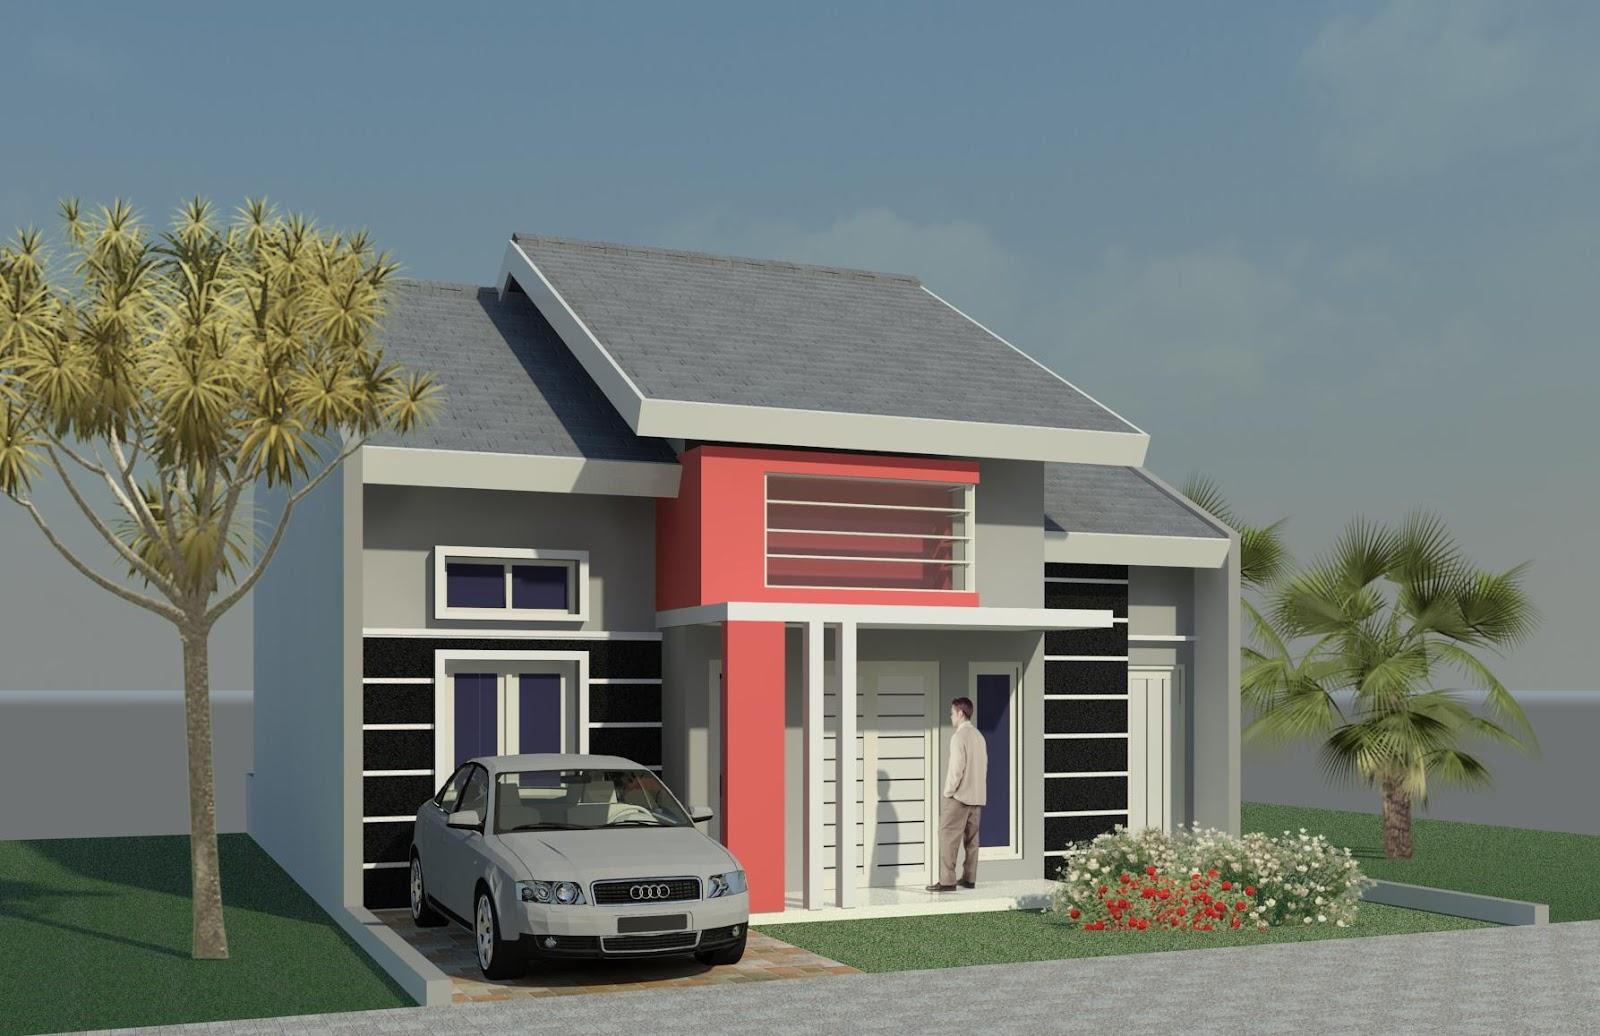 macam bentuk atap rumah minimalis  Tipe Rumah Minimalis  Tipe Rumah